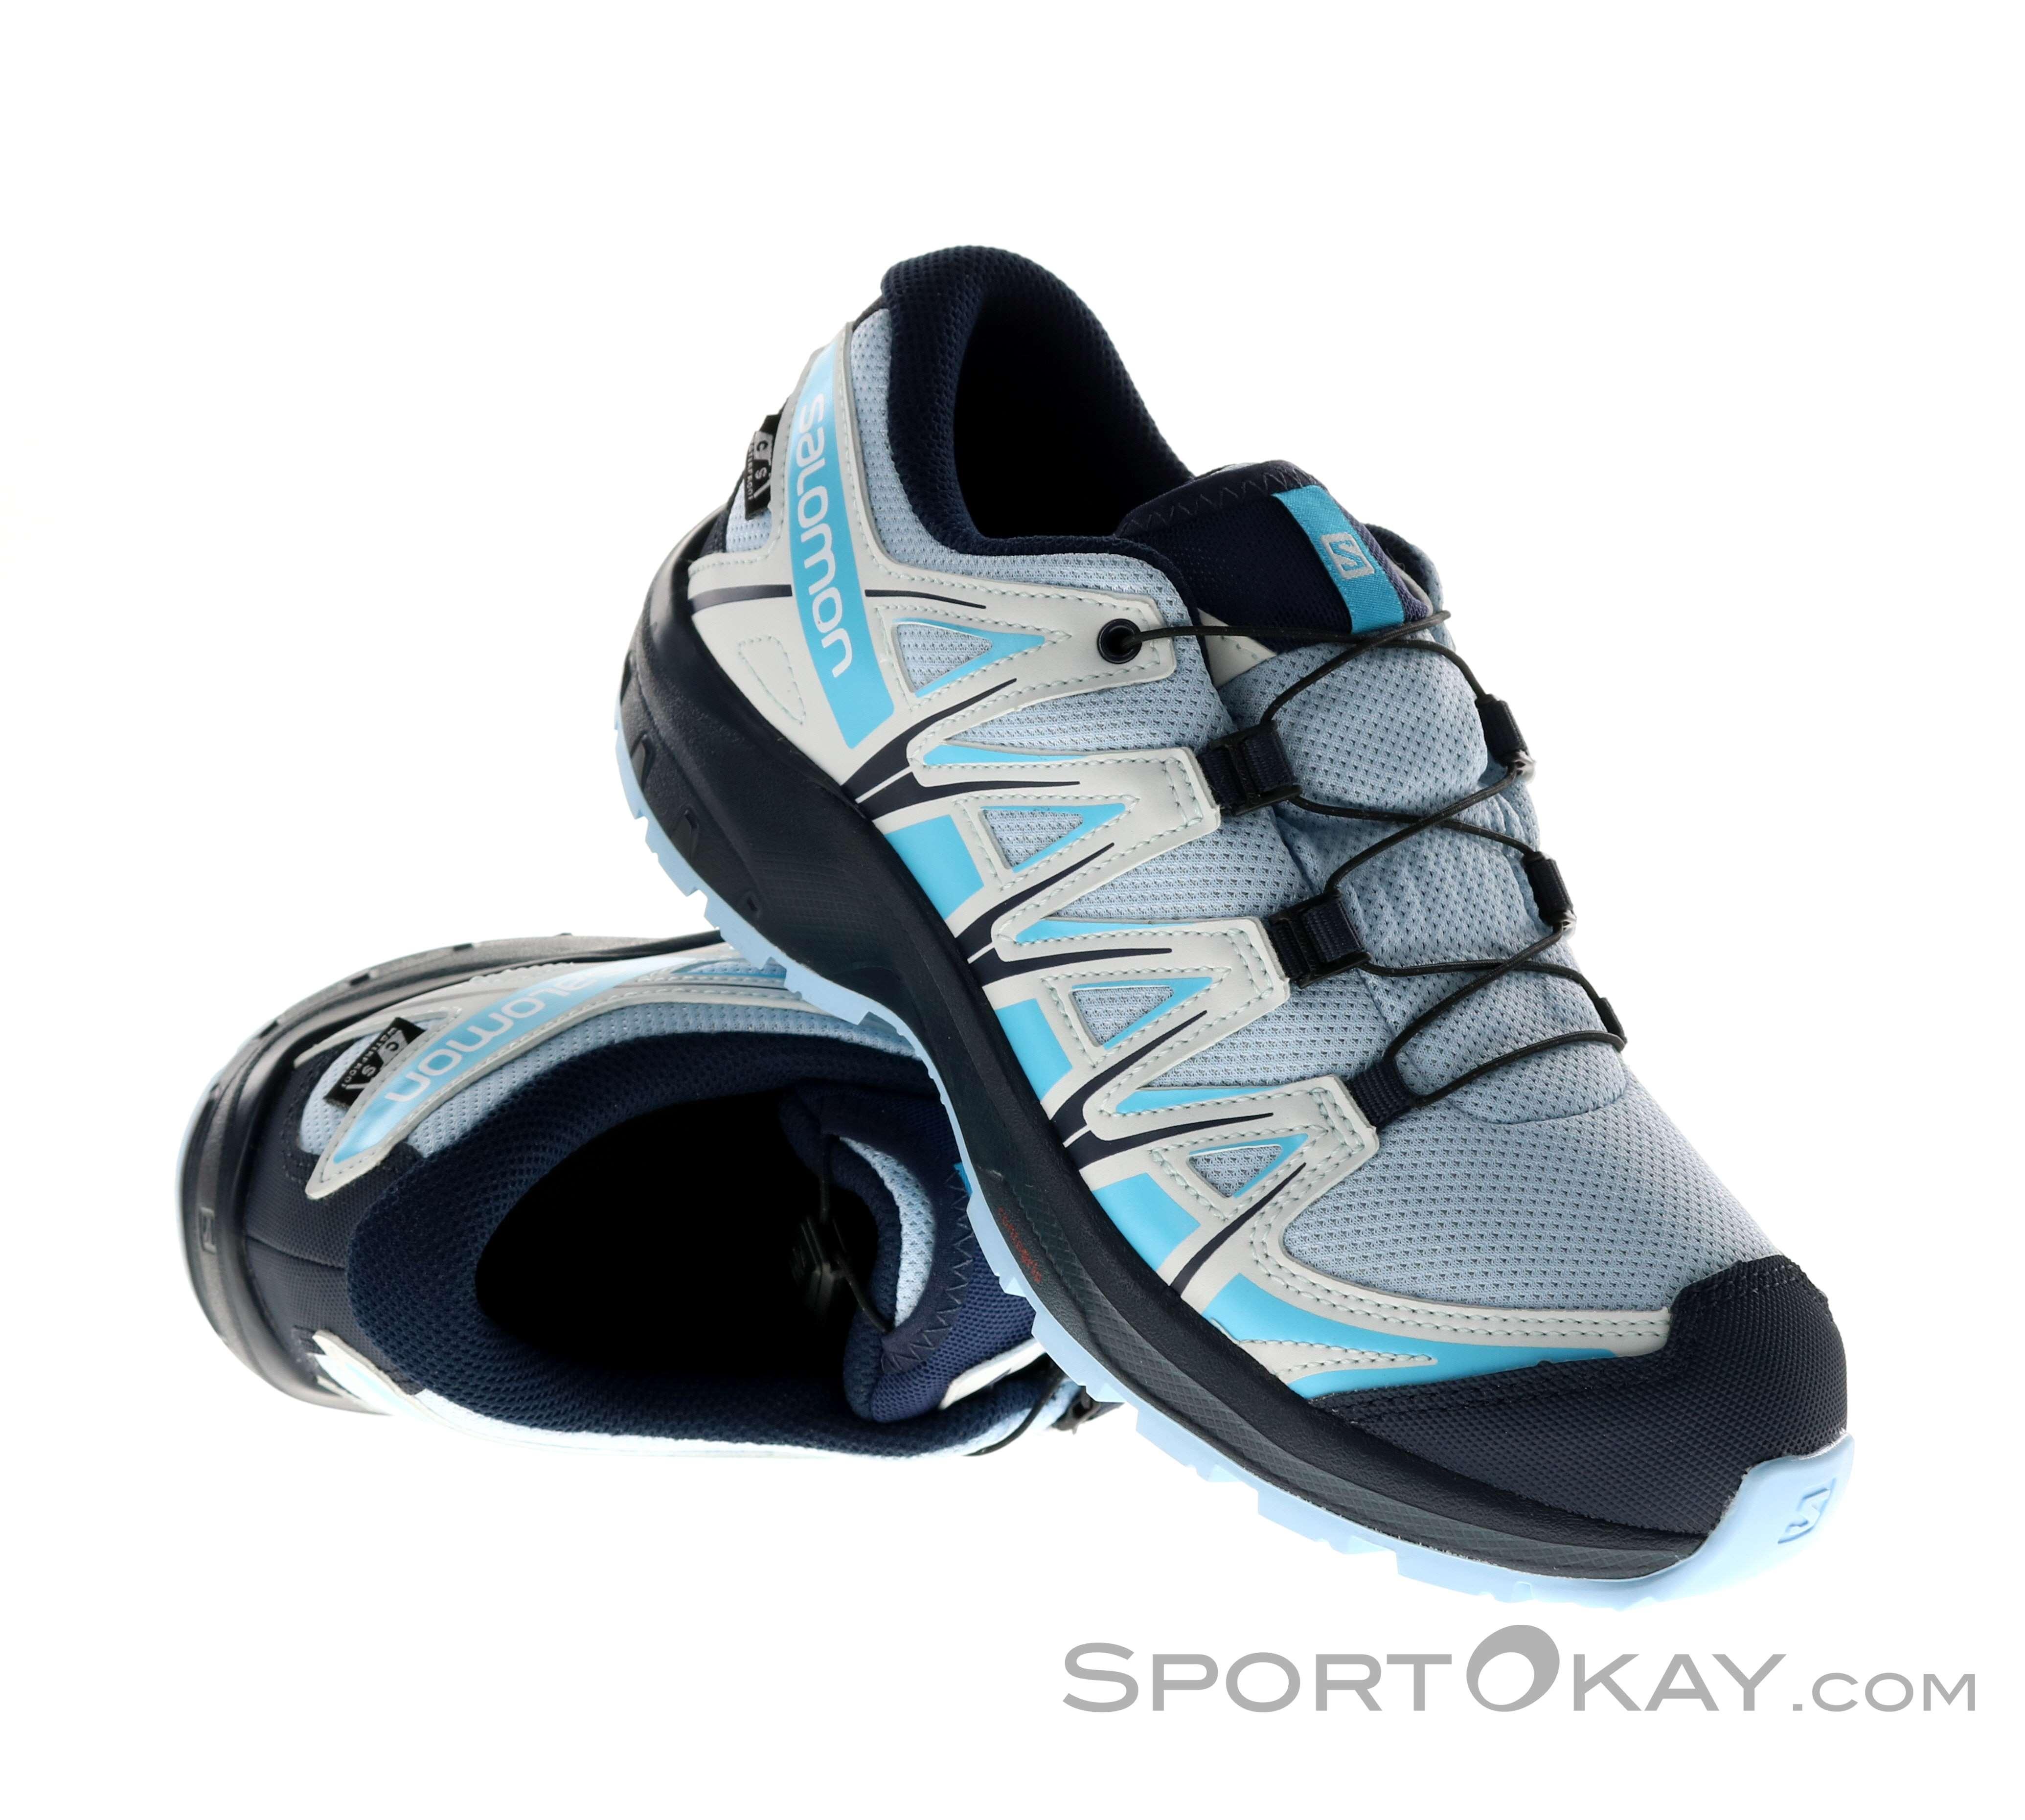 Salomon Salomon XA Pro 3D CSWP J Kids Trail Running Shoes